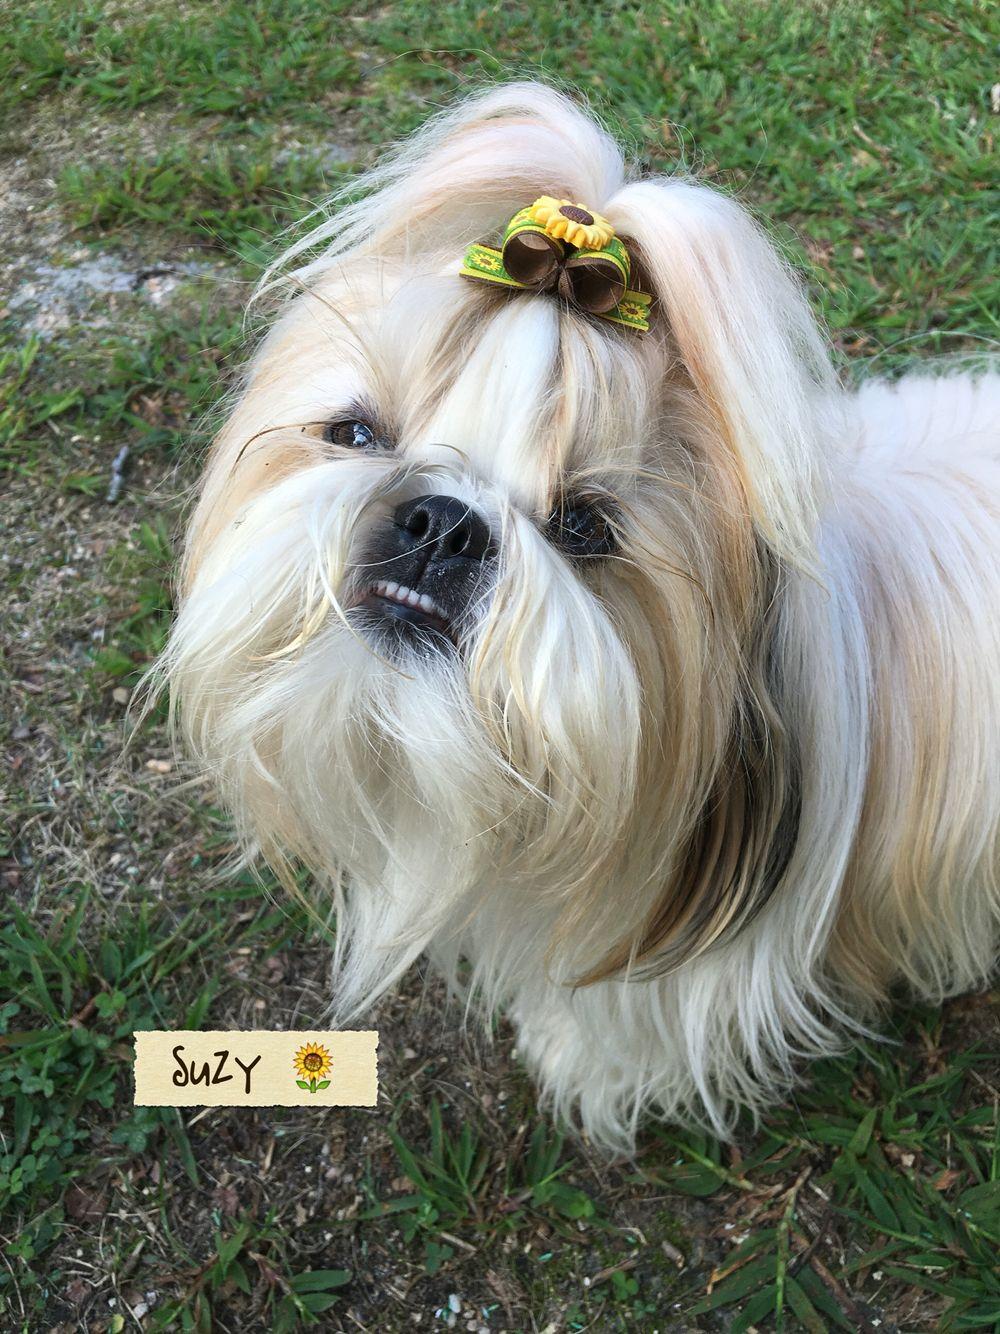 Cutest Little Teeth Shih Tzu Puppy Cute Dogs Shih Tzu